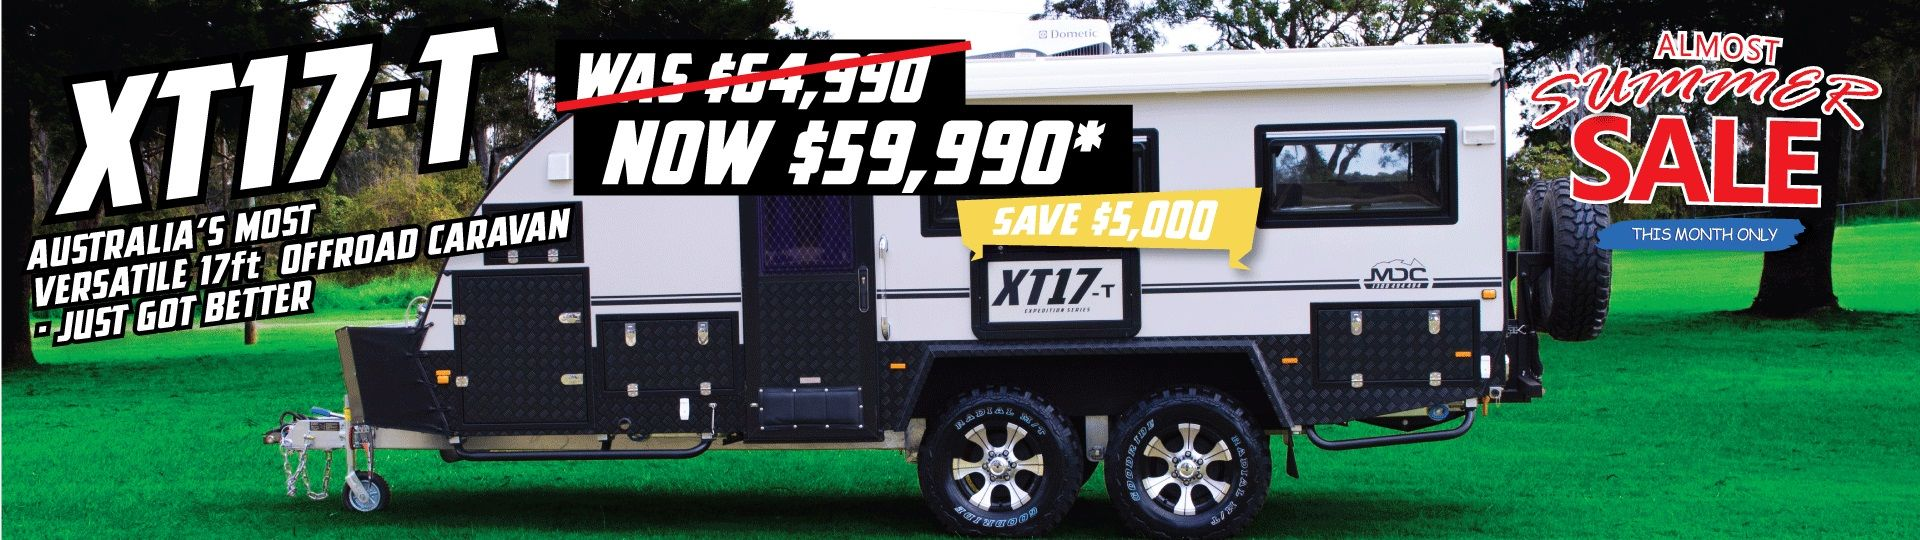 Xt17 t off road caravan mdc camper trailers off road caravans